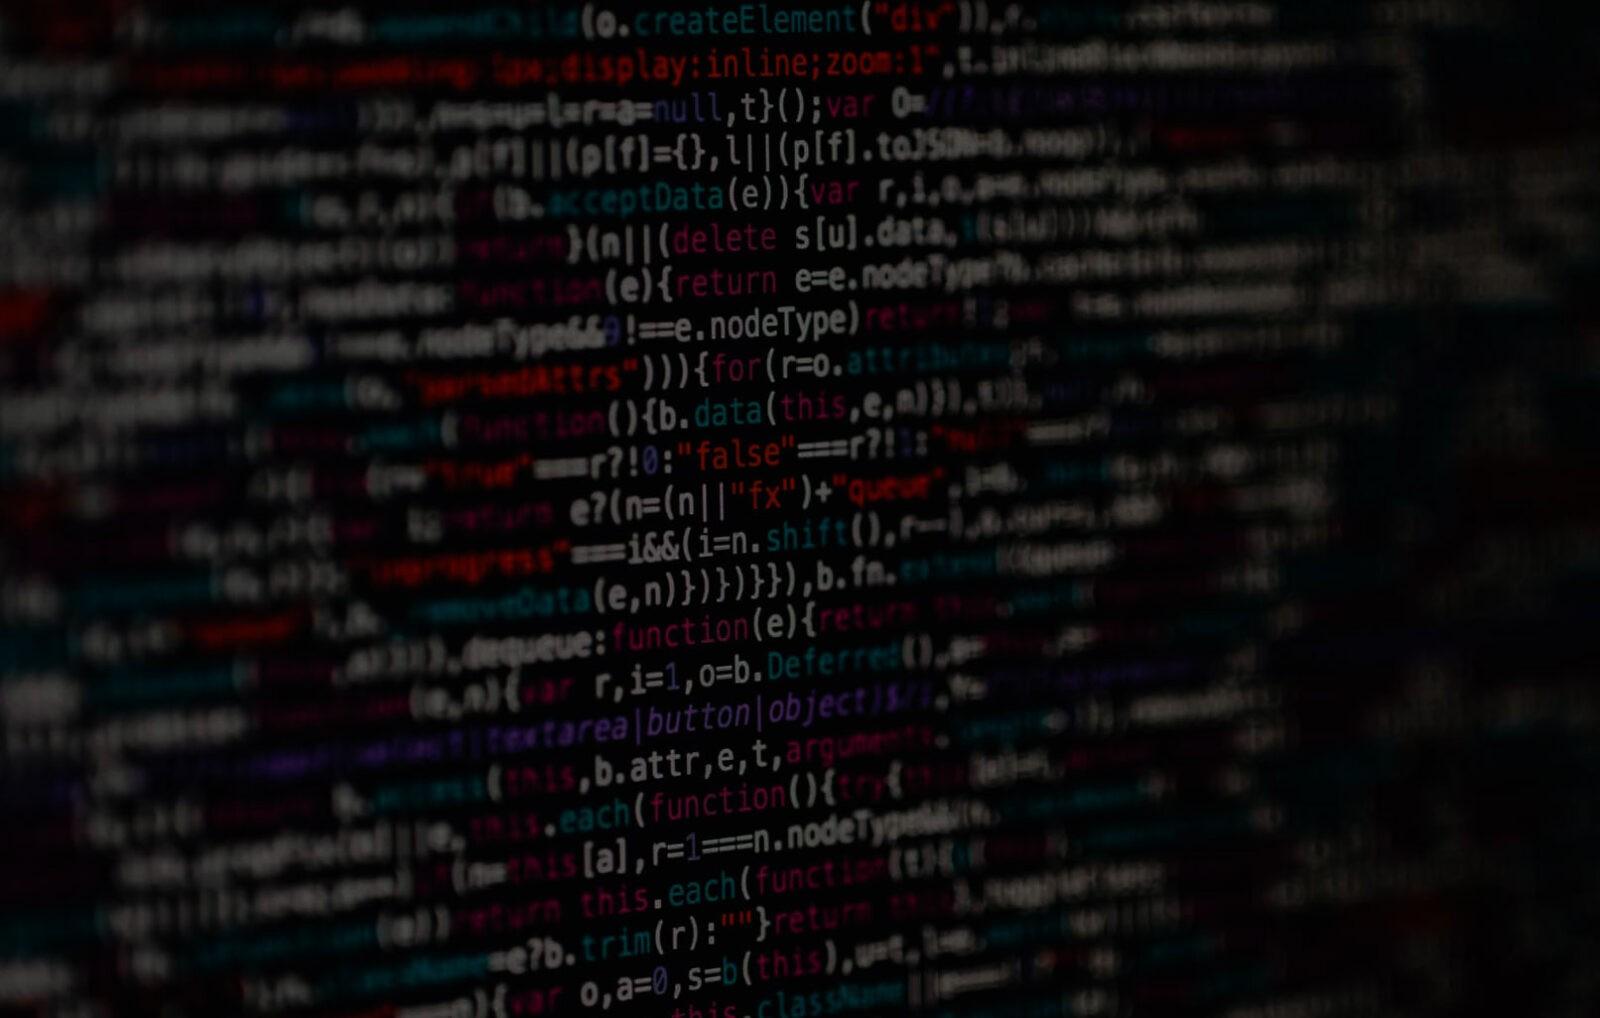 linee di codice malevolo che viola i dati personali